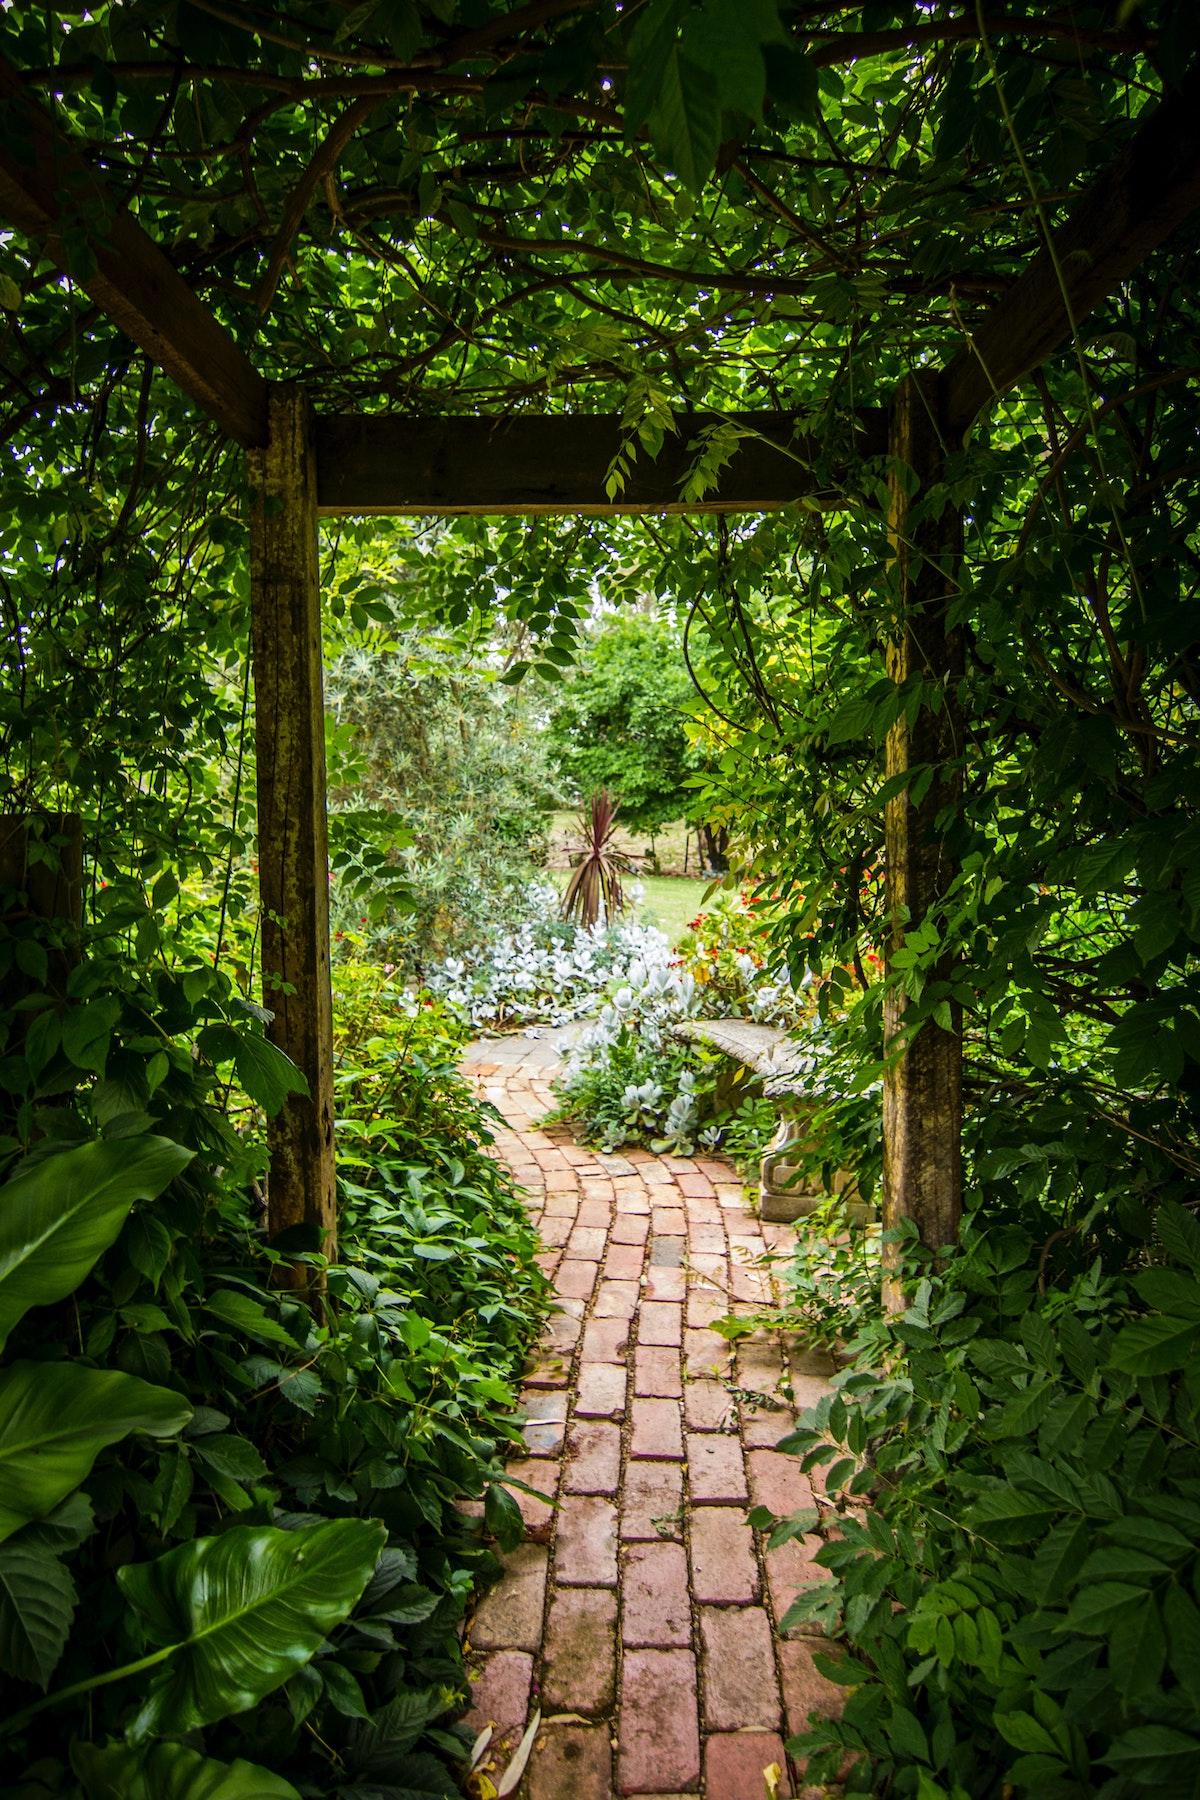 Aménager un jardin anglaise fleur chemin brique rouge - blog décoration - clem around the corner